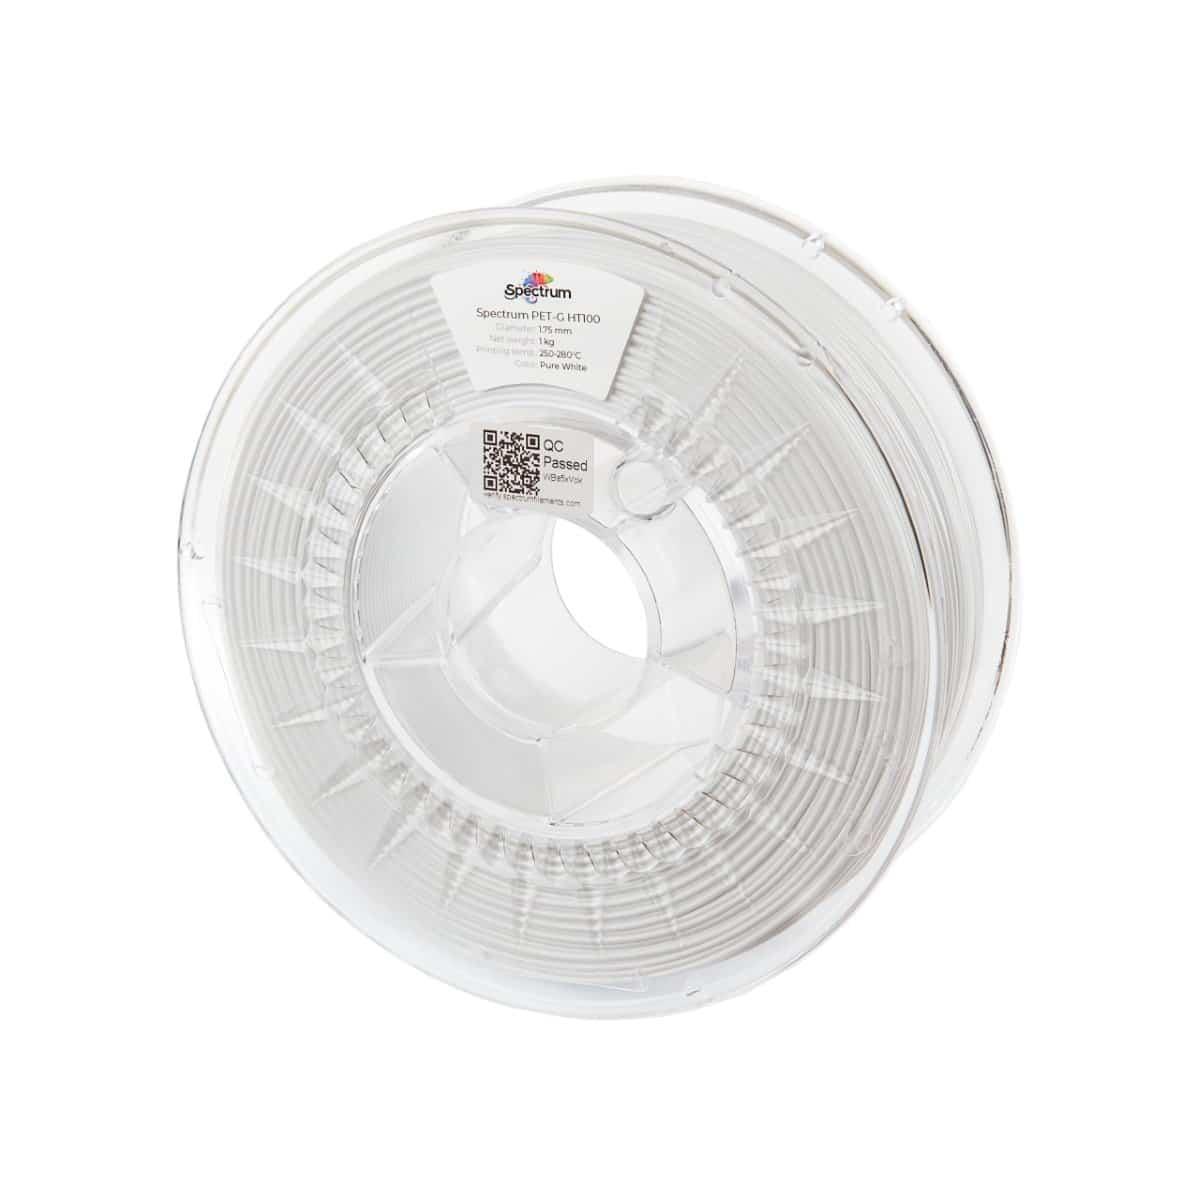 Billede af Spectrum Filaments - PETG HT100 - 1.75mm - Pure White - 1 kg